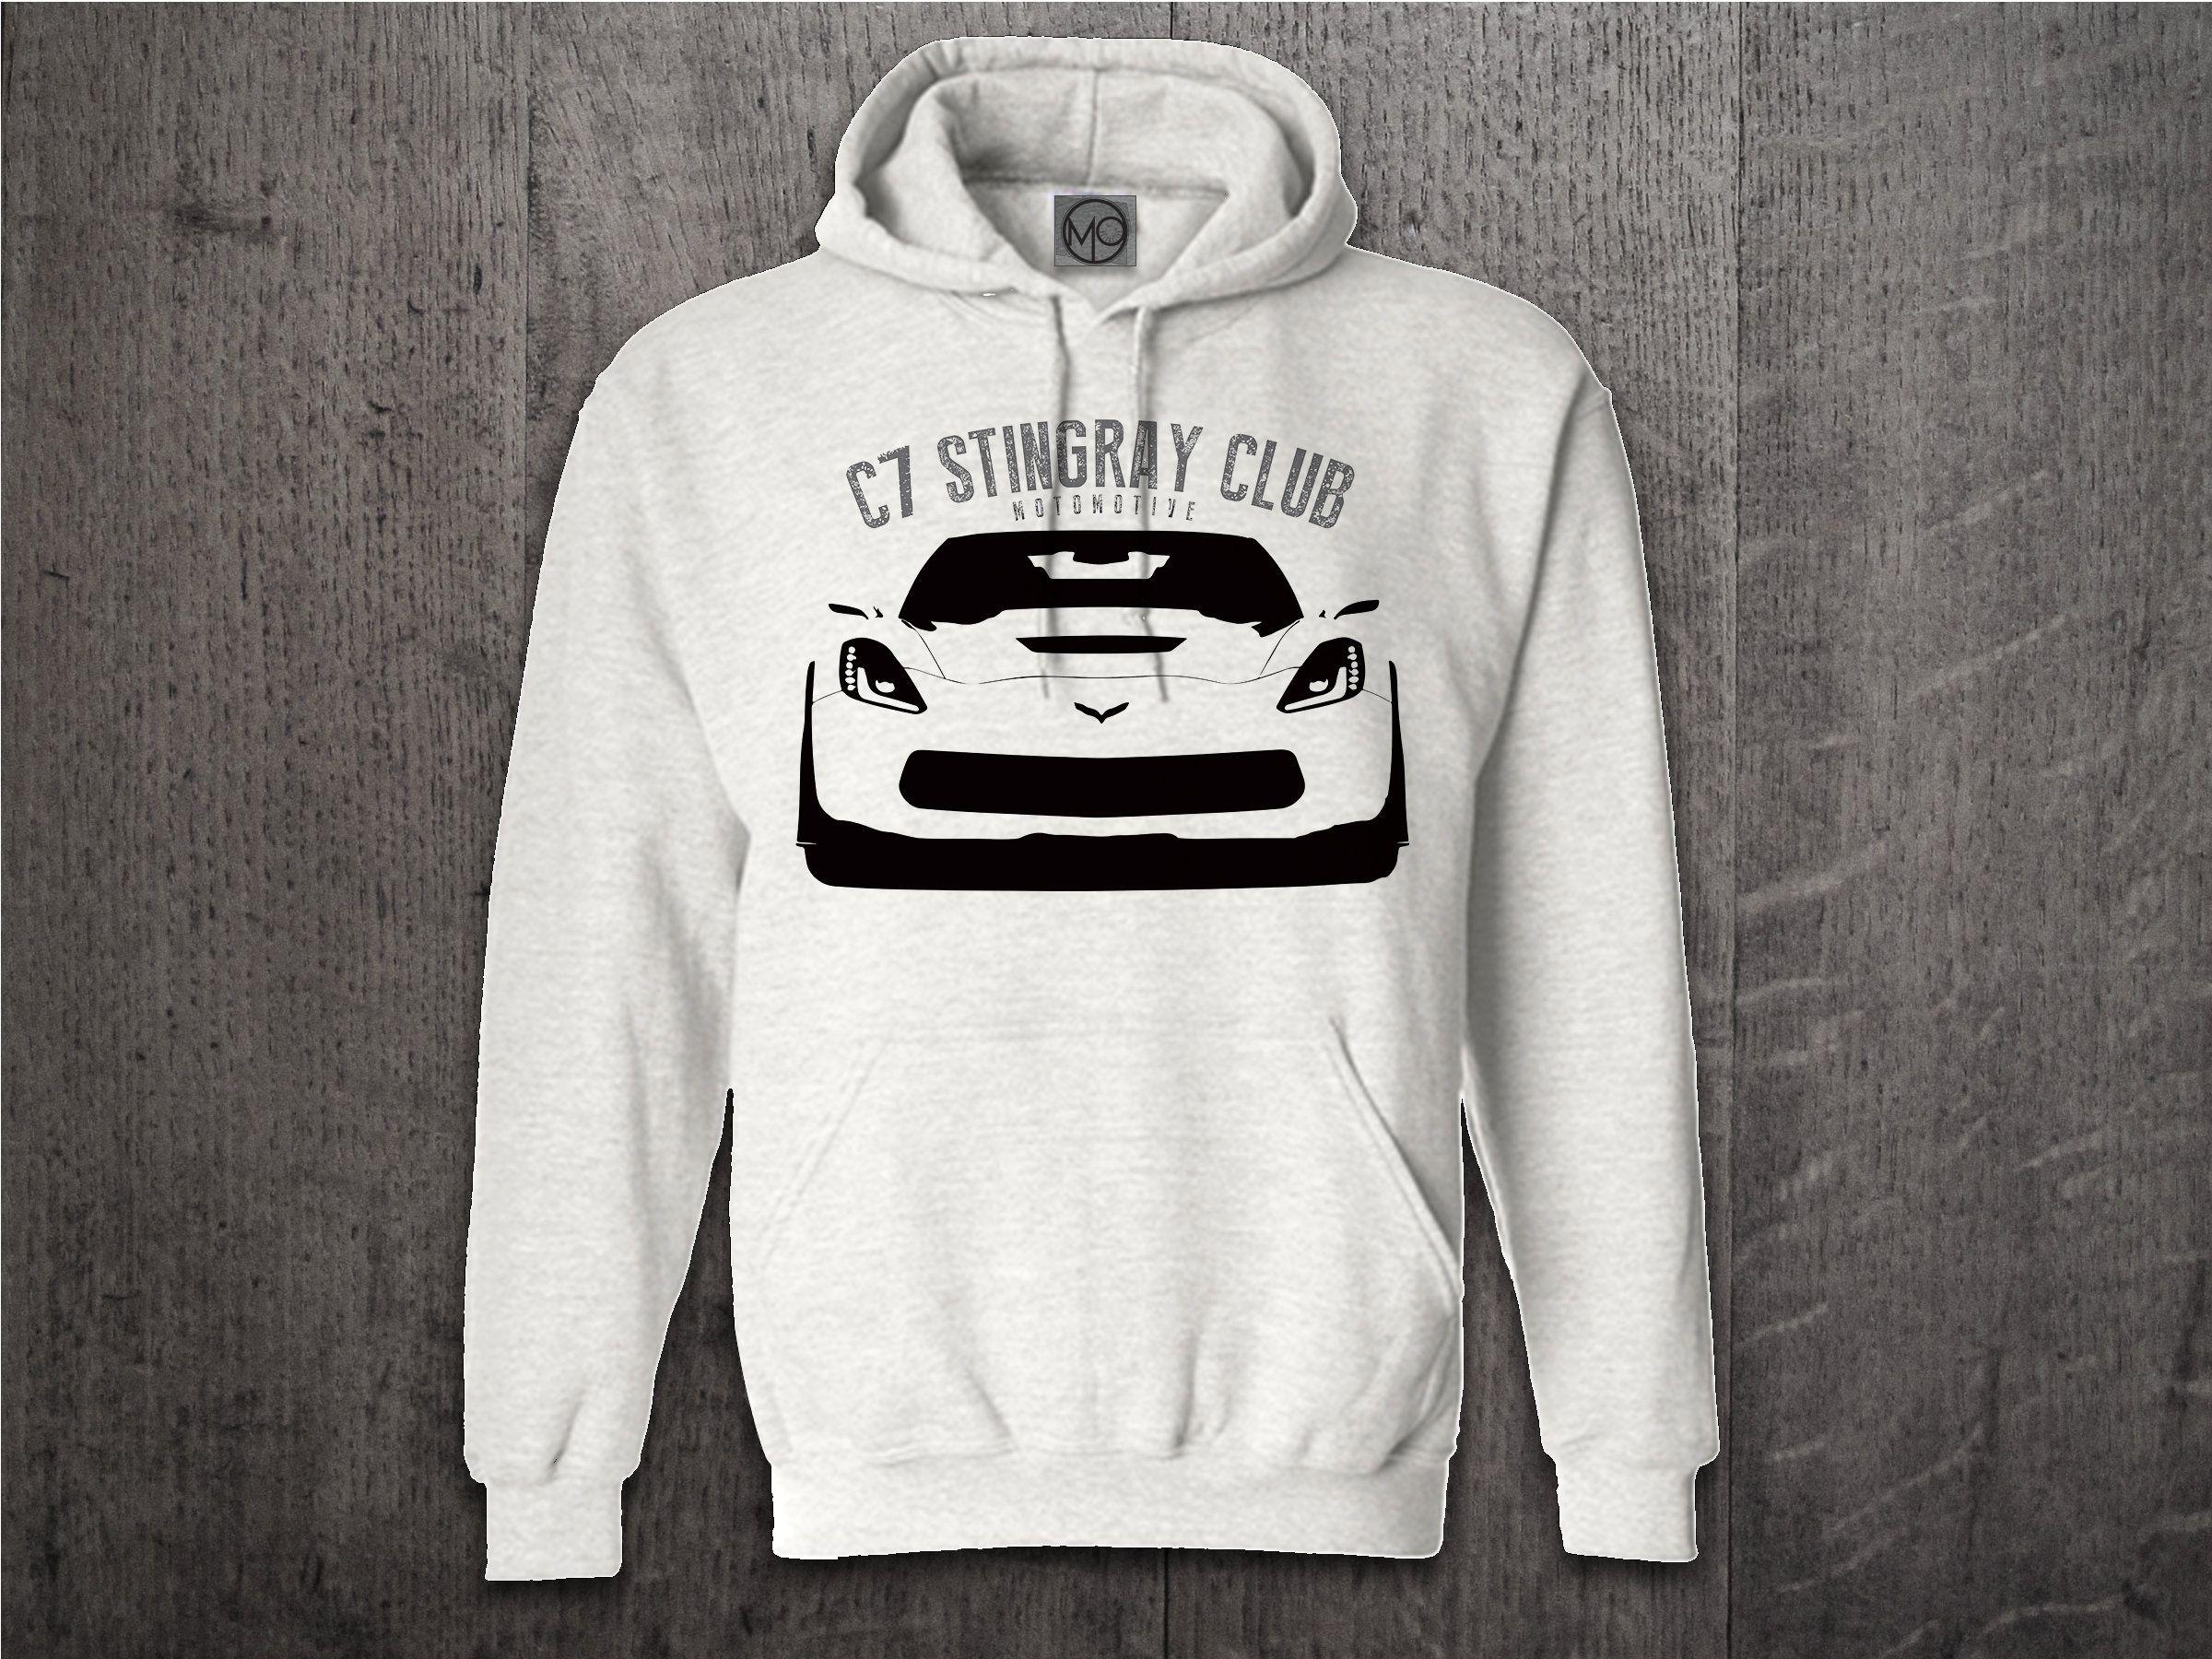 Corvette C7 Hoodie Cars Hoodies Chevrolet Corvette Hoodies Stingray Sweaters Men Hoodies Funny Hoodies Corvet Best Quality T Shirts Hoodies Funny Hoodies [ 1800 x 2400 Pixel ]